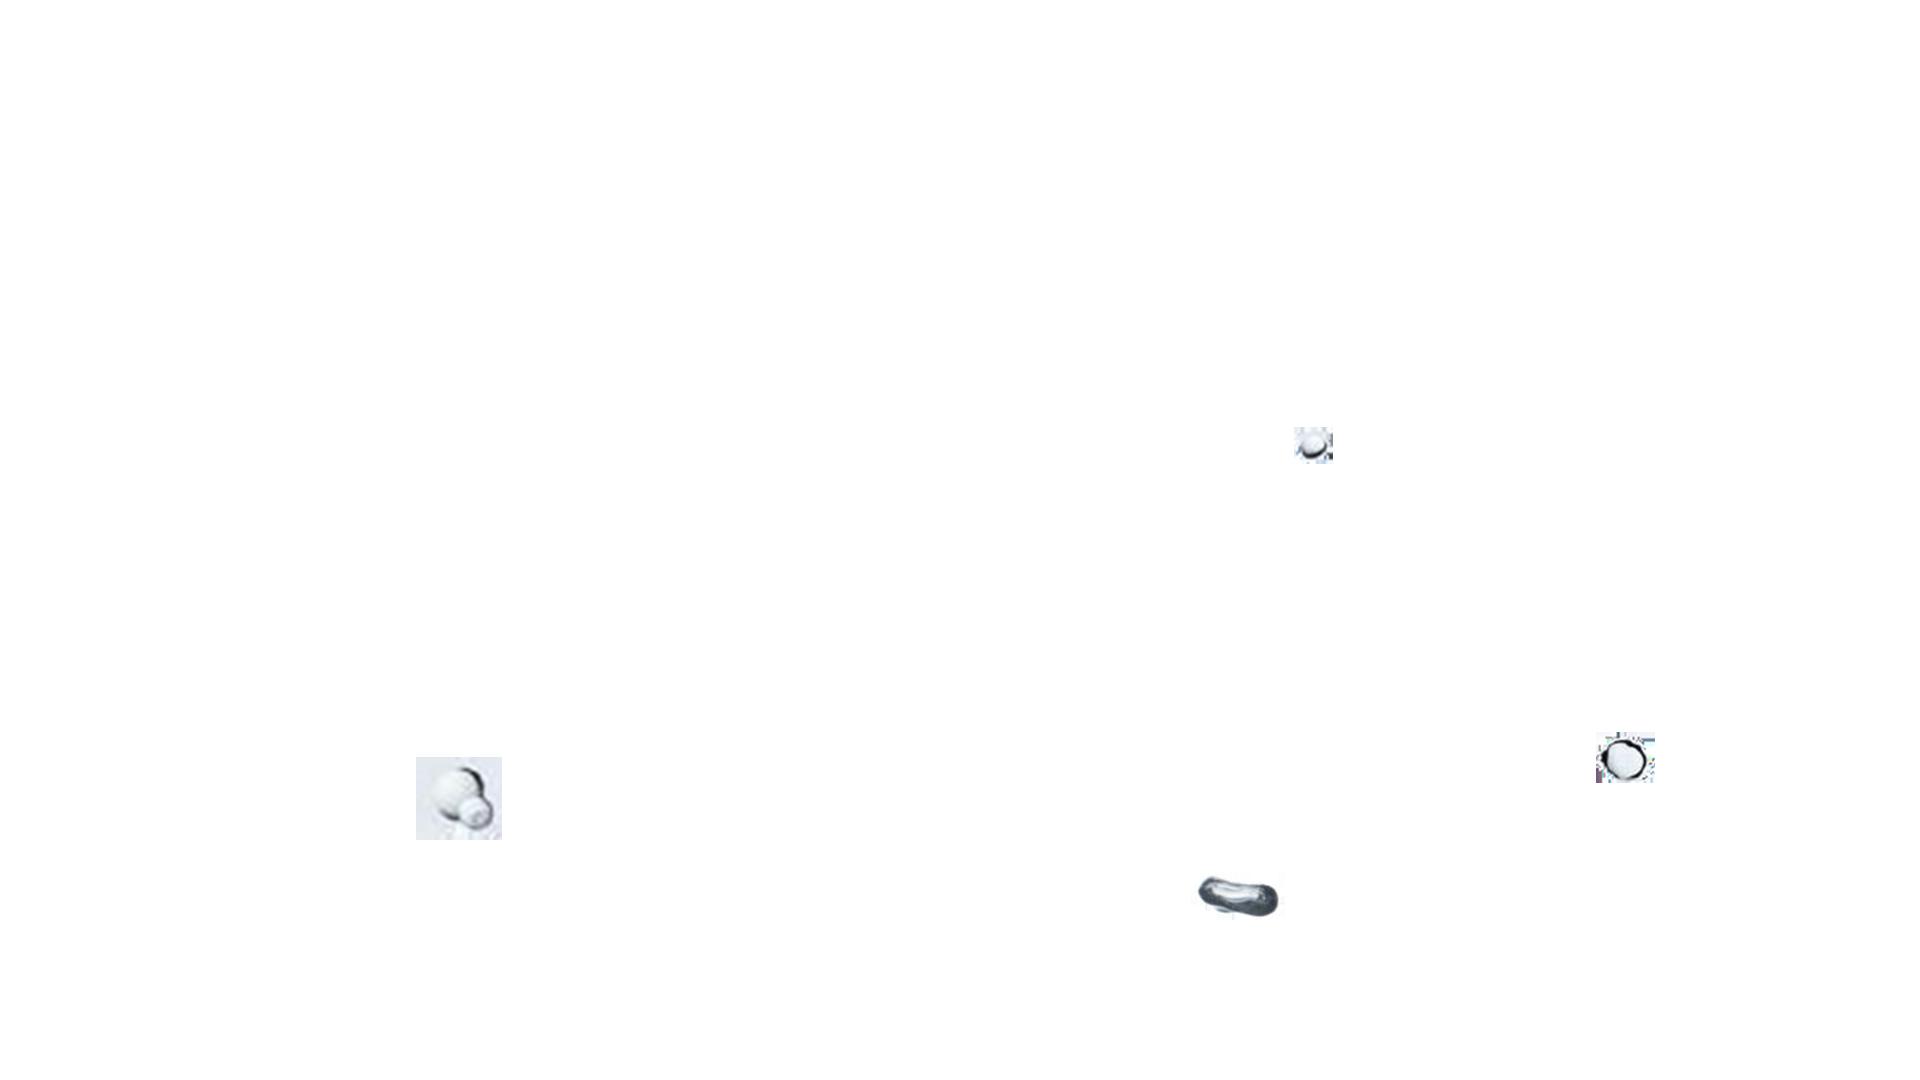 plombier-plomberie-chauffe-eau-traitement de l'eau-chauffage-arrosage automatique-pompe a chaleur-plomberie generale